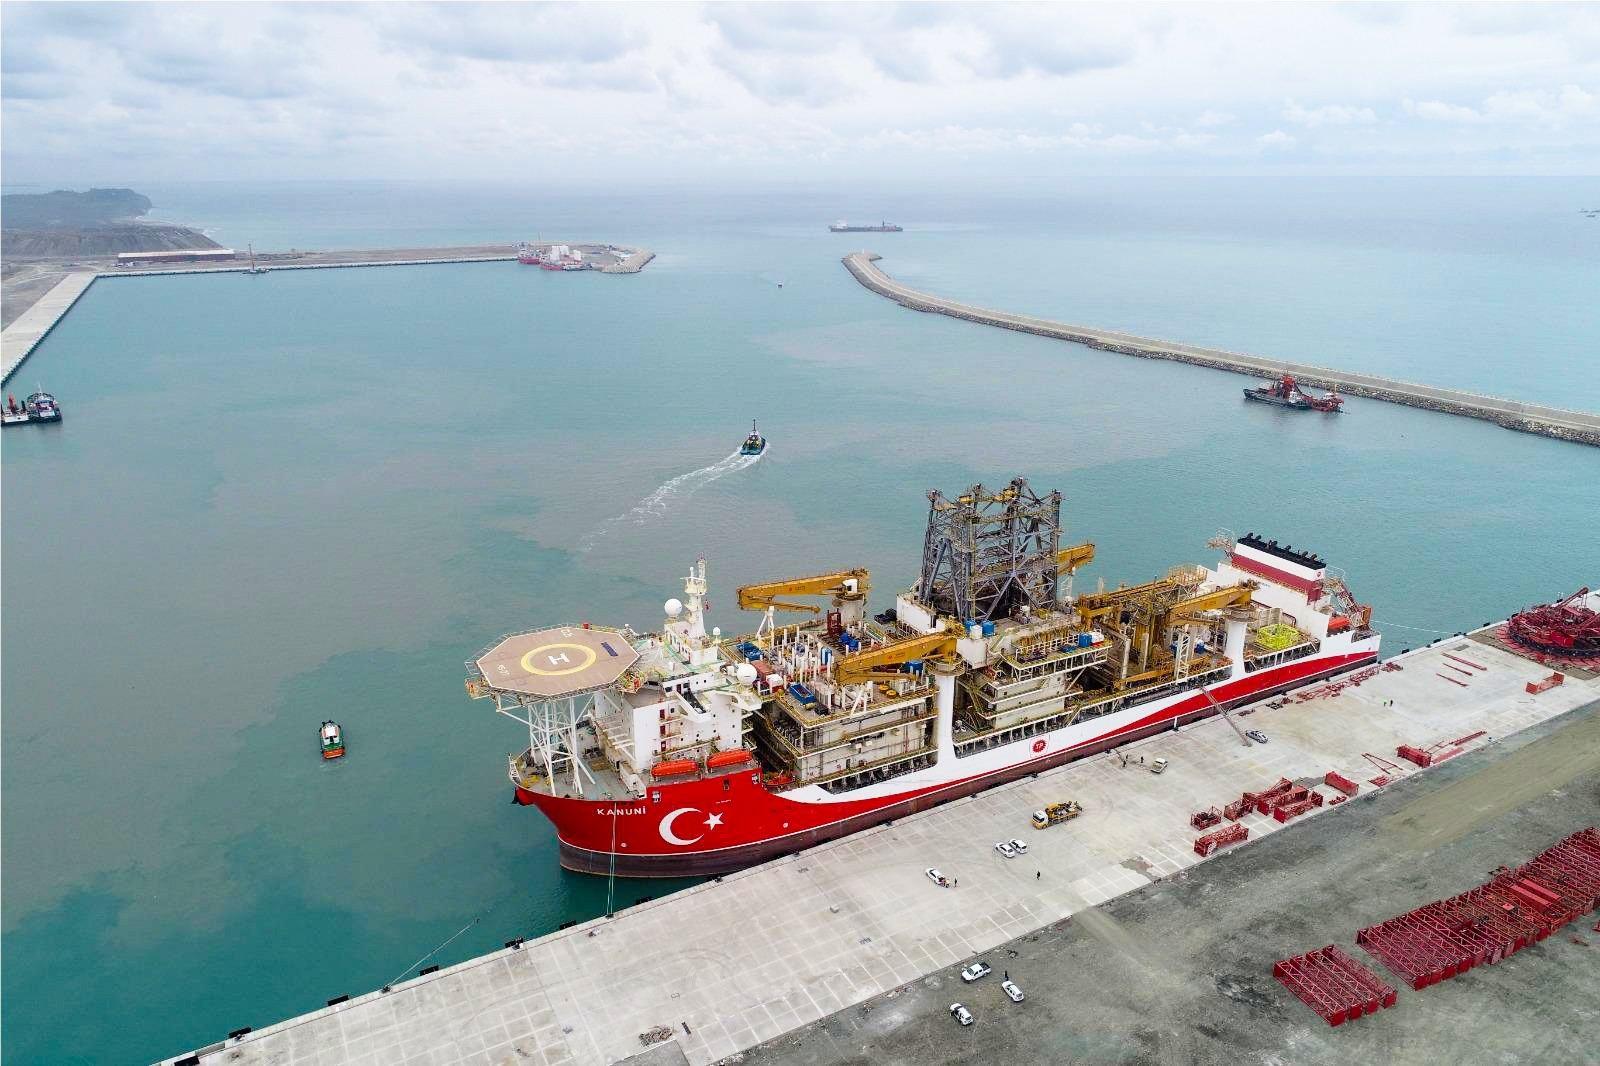 Turkey's drillship Kanuni is seen at the Port of Filyos in northern Zonguldak province, Turkey, June 3, 2021. (AA Photo)